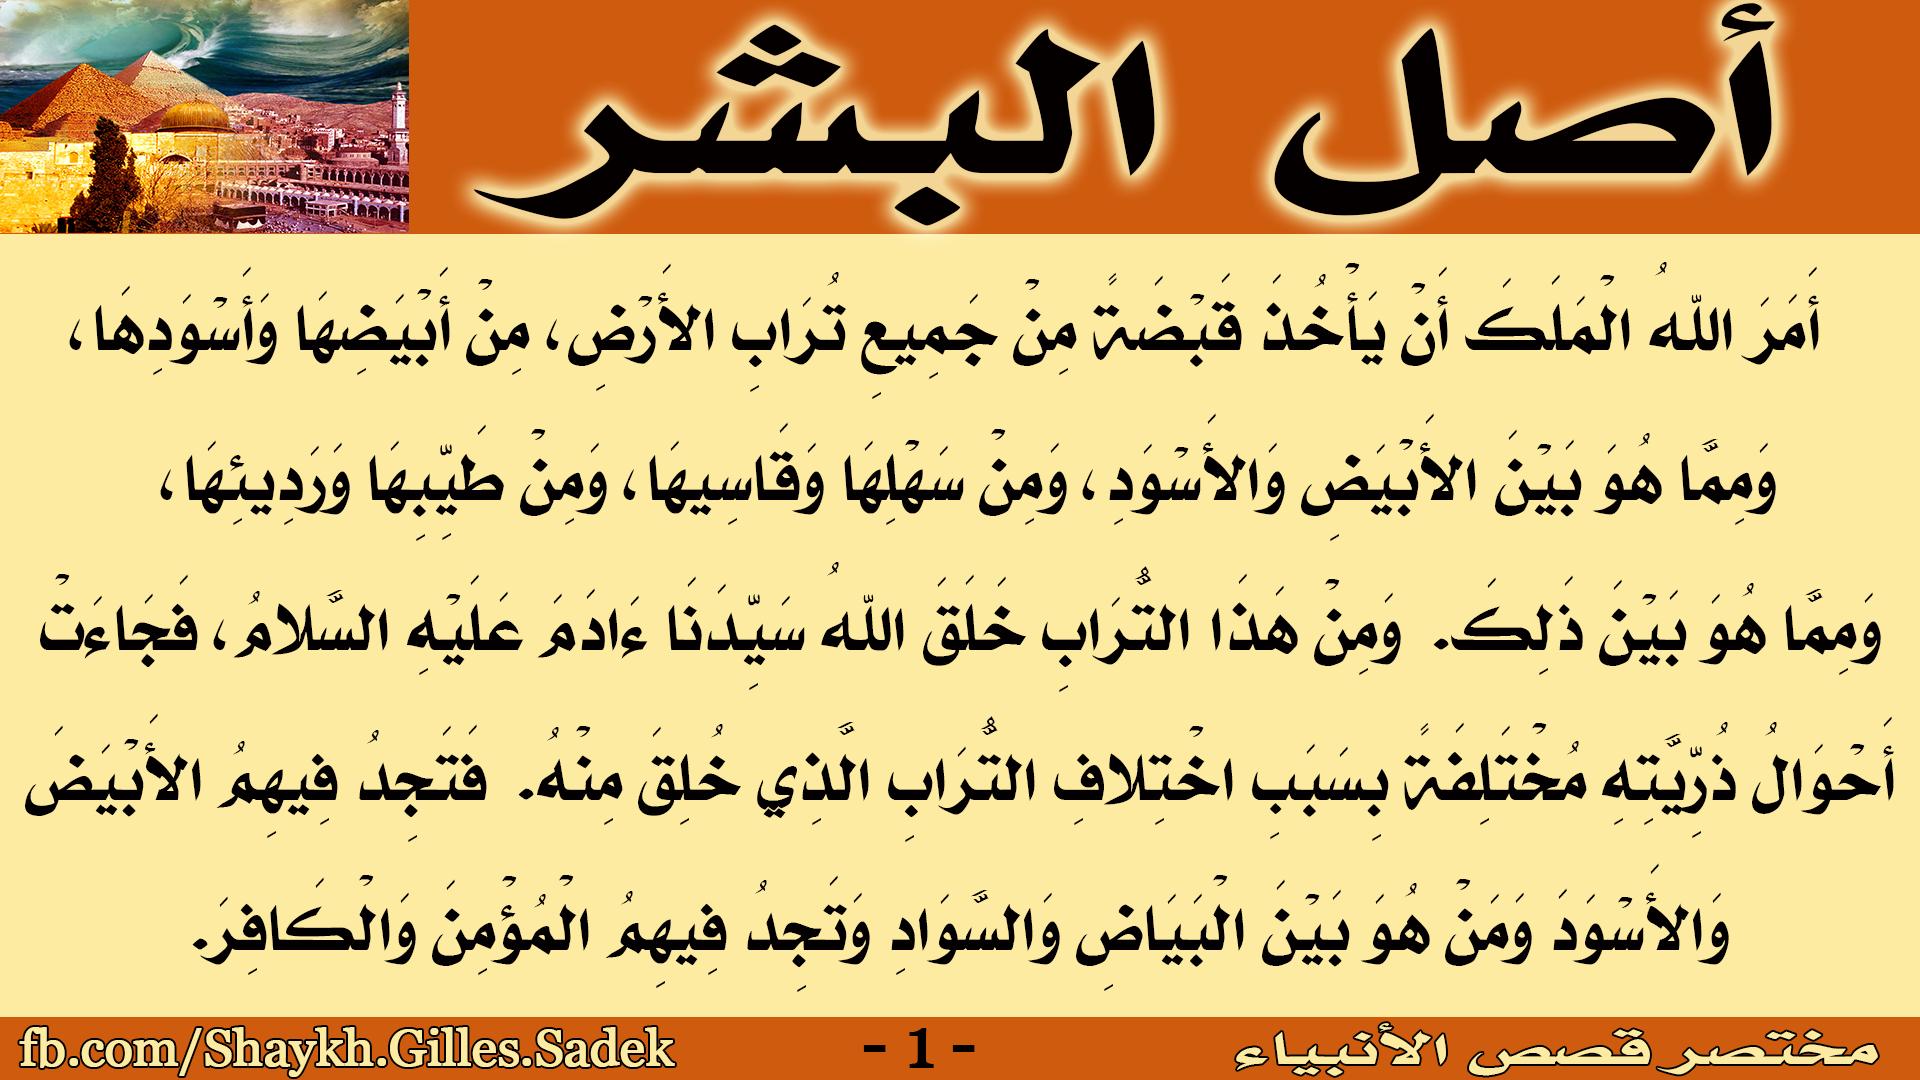 مختصر قصص الأنبياء 1 Arabic Words Arabic Islam